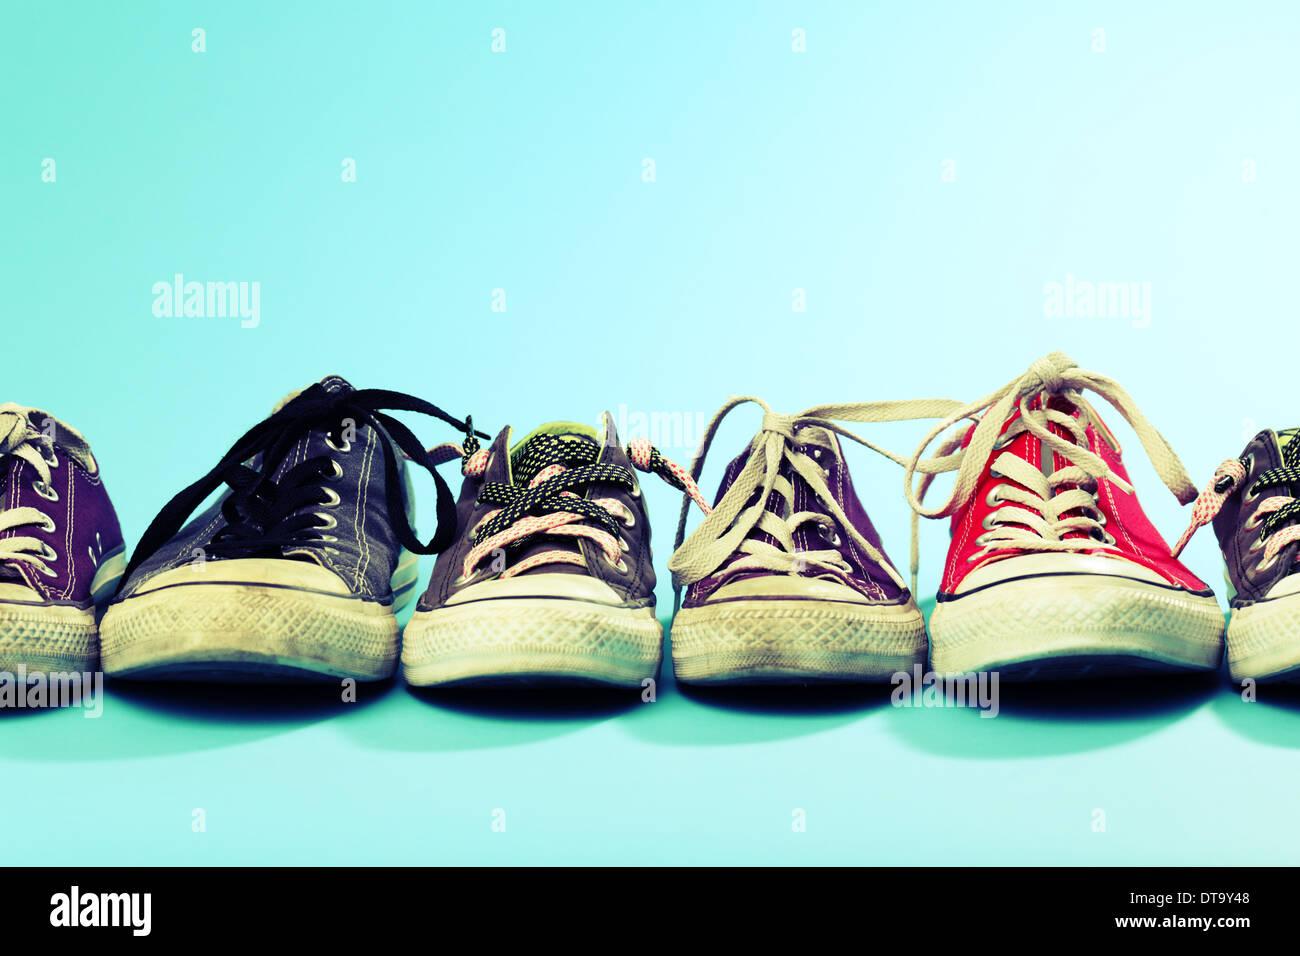 Una linea di Converse scarpe di diverse dimensioni e colori sparato contro  uno sfondo blu. f62afaf7ec1